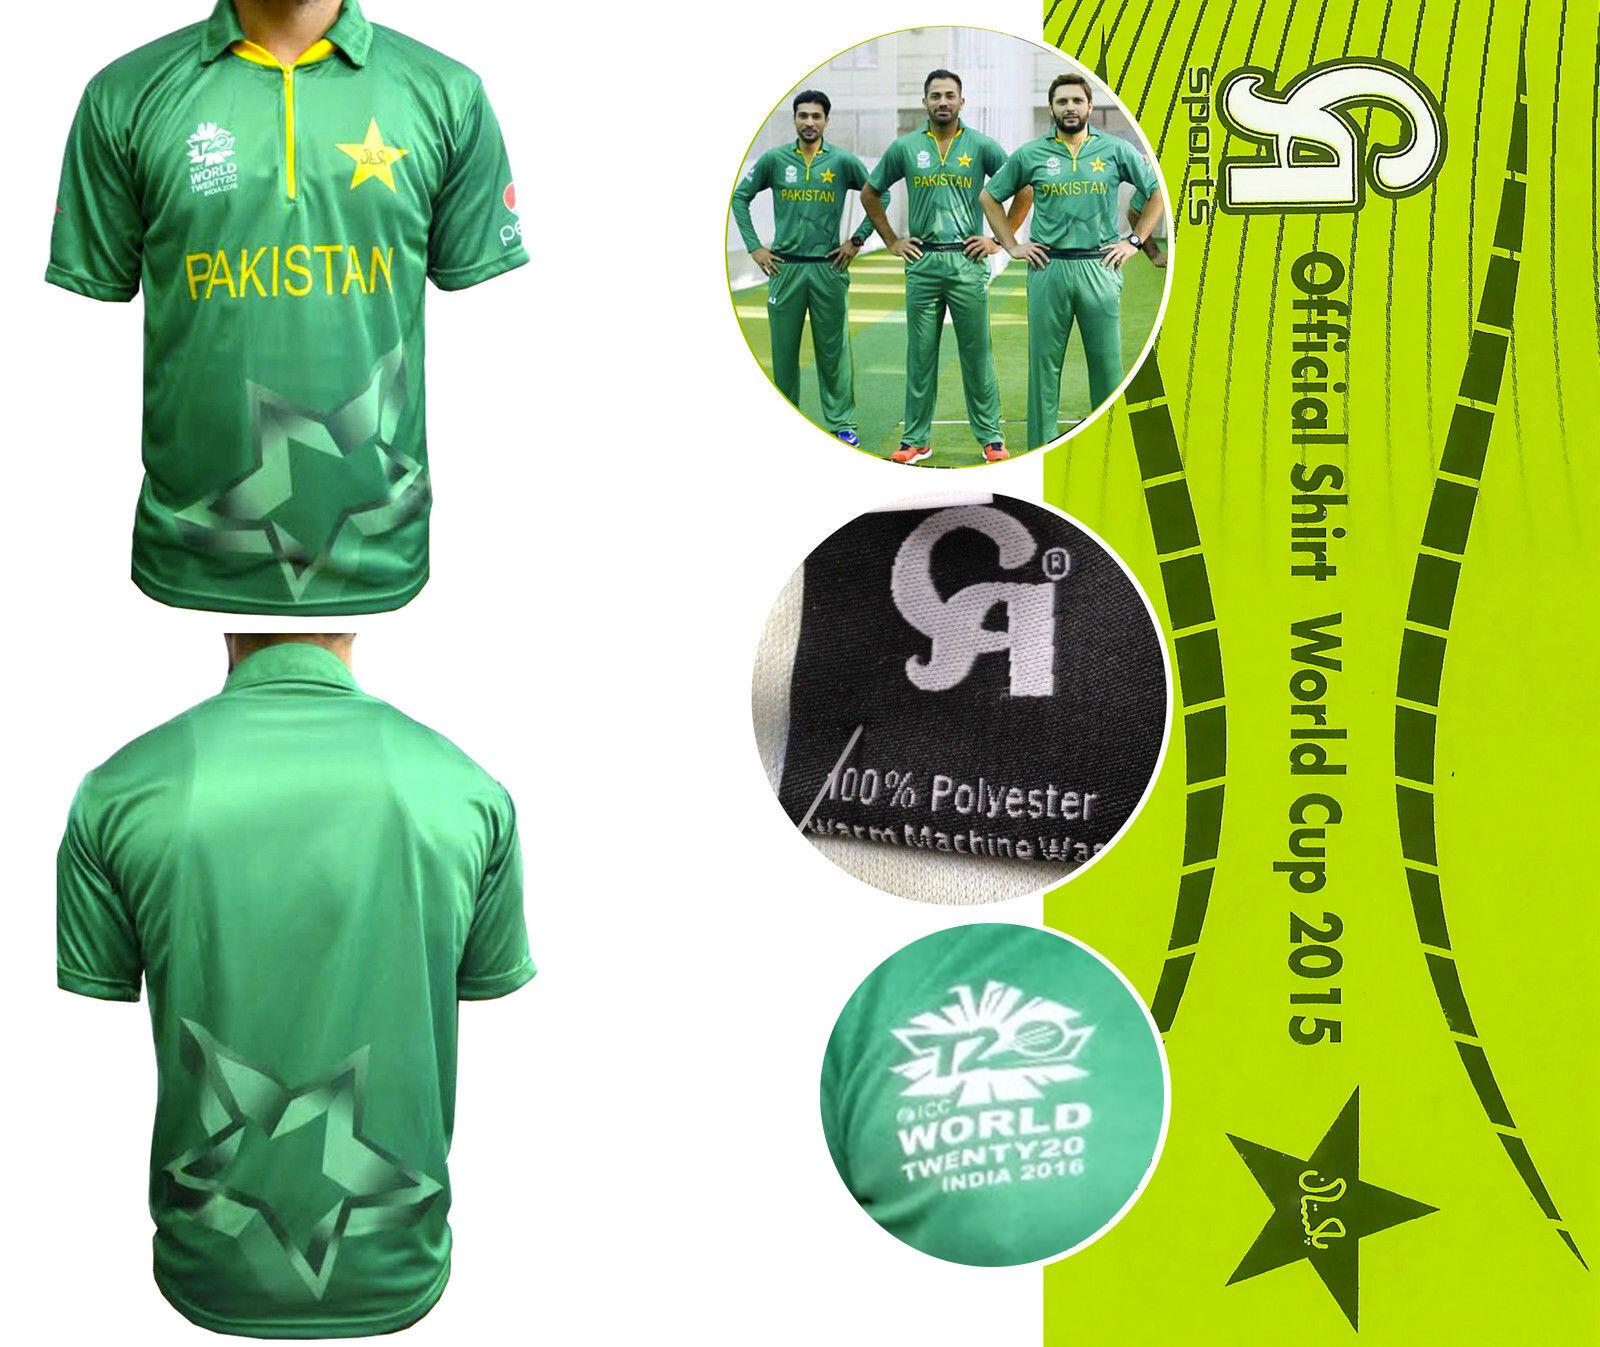 2016 Weltmeisterschaft T20 Herren CA Pakistan Official Cricket Team Twenty20